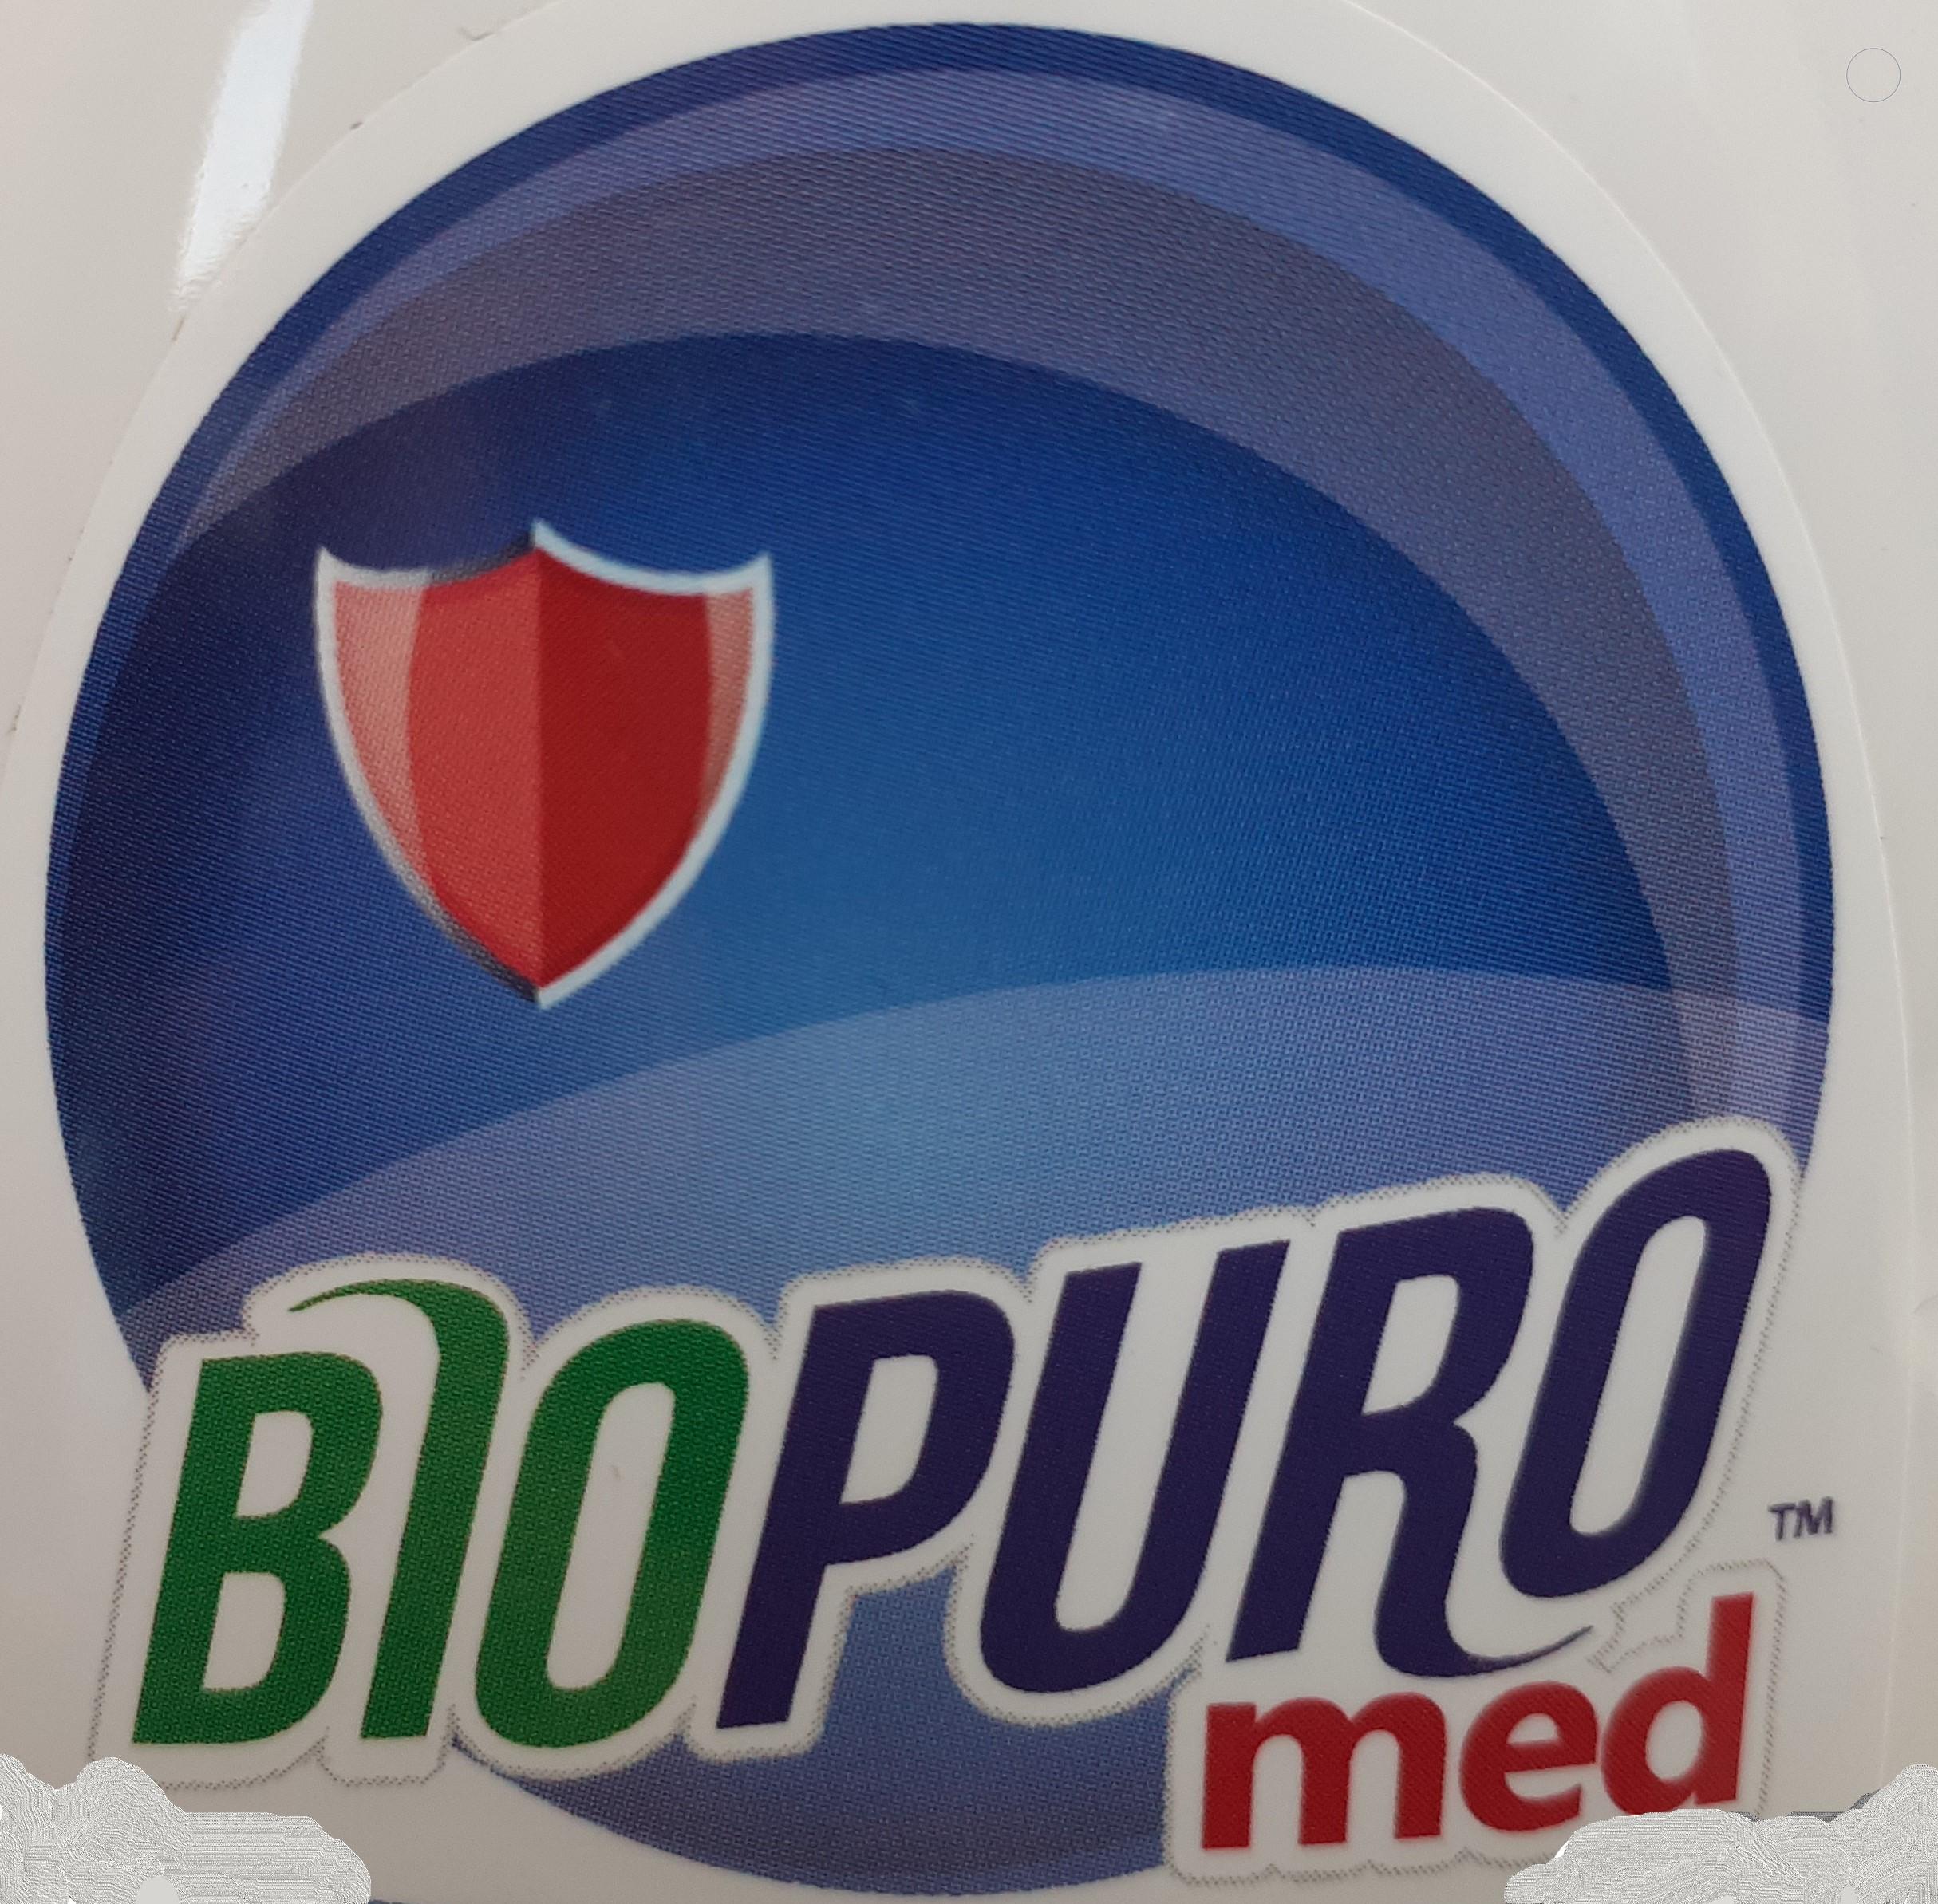 biopuro-med